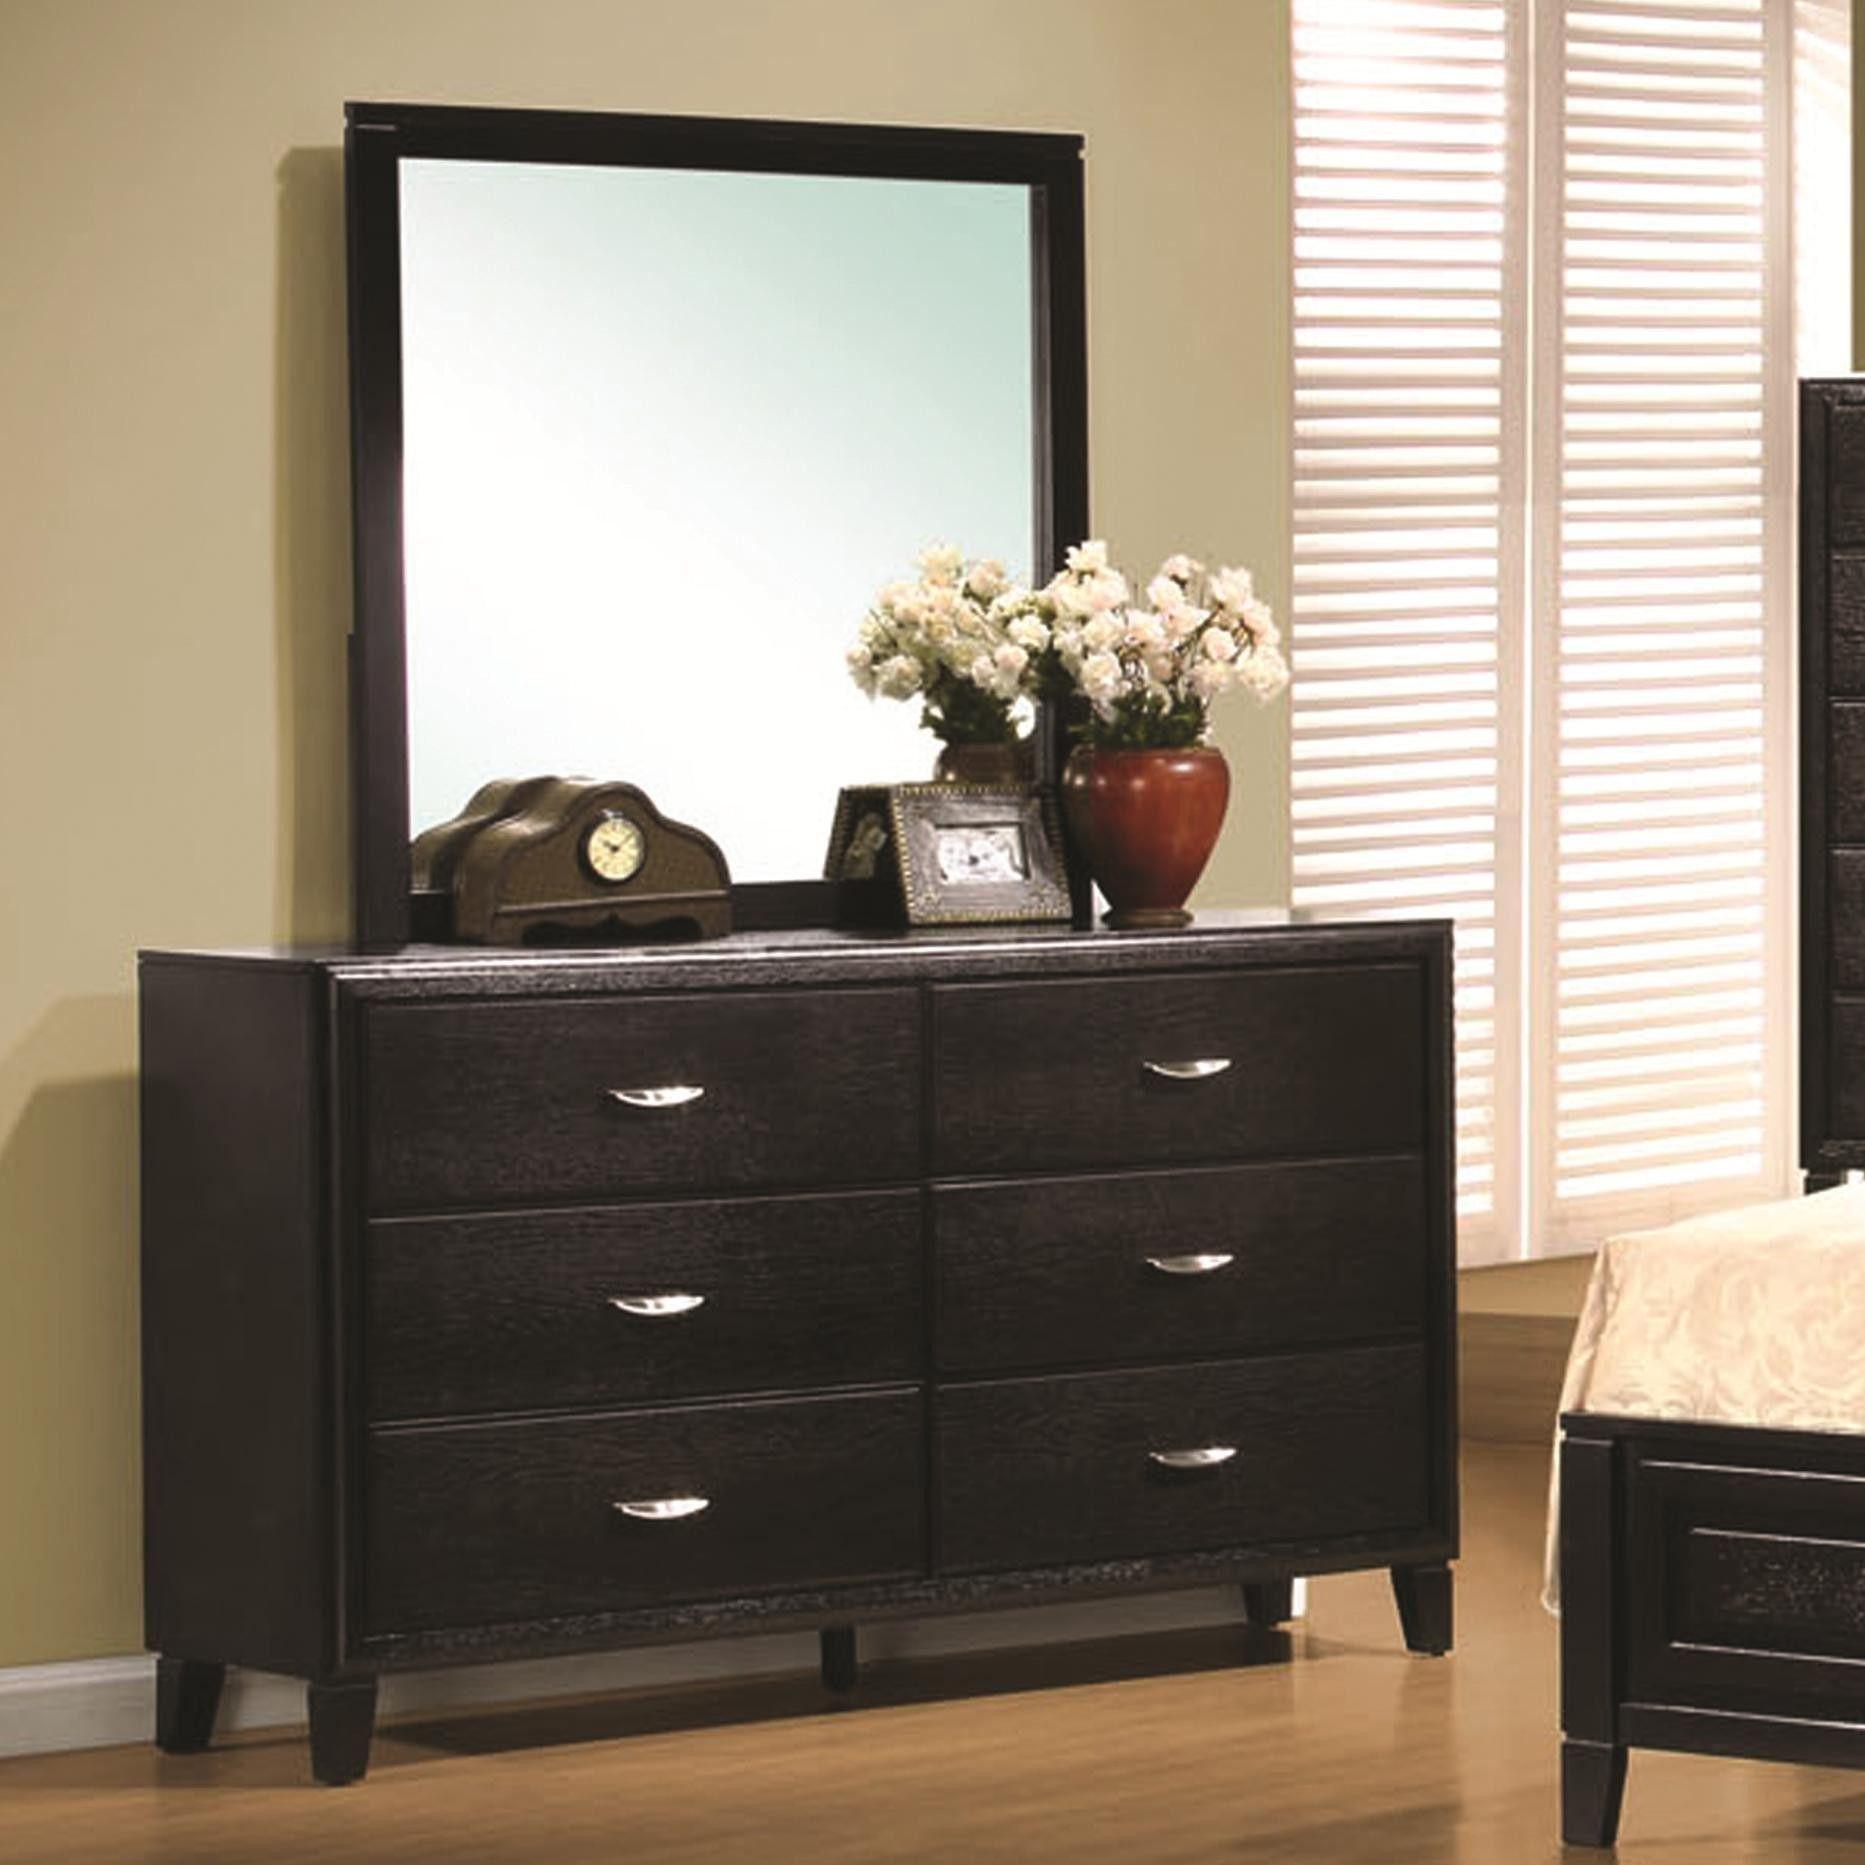 Coaster Furniture Nacey Contemporary 6 Drawer Dresser & Mirror